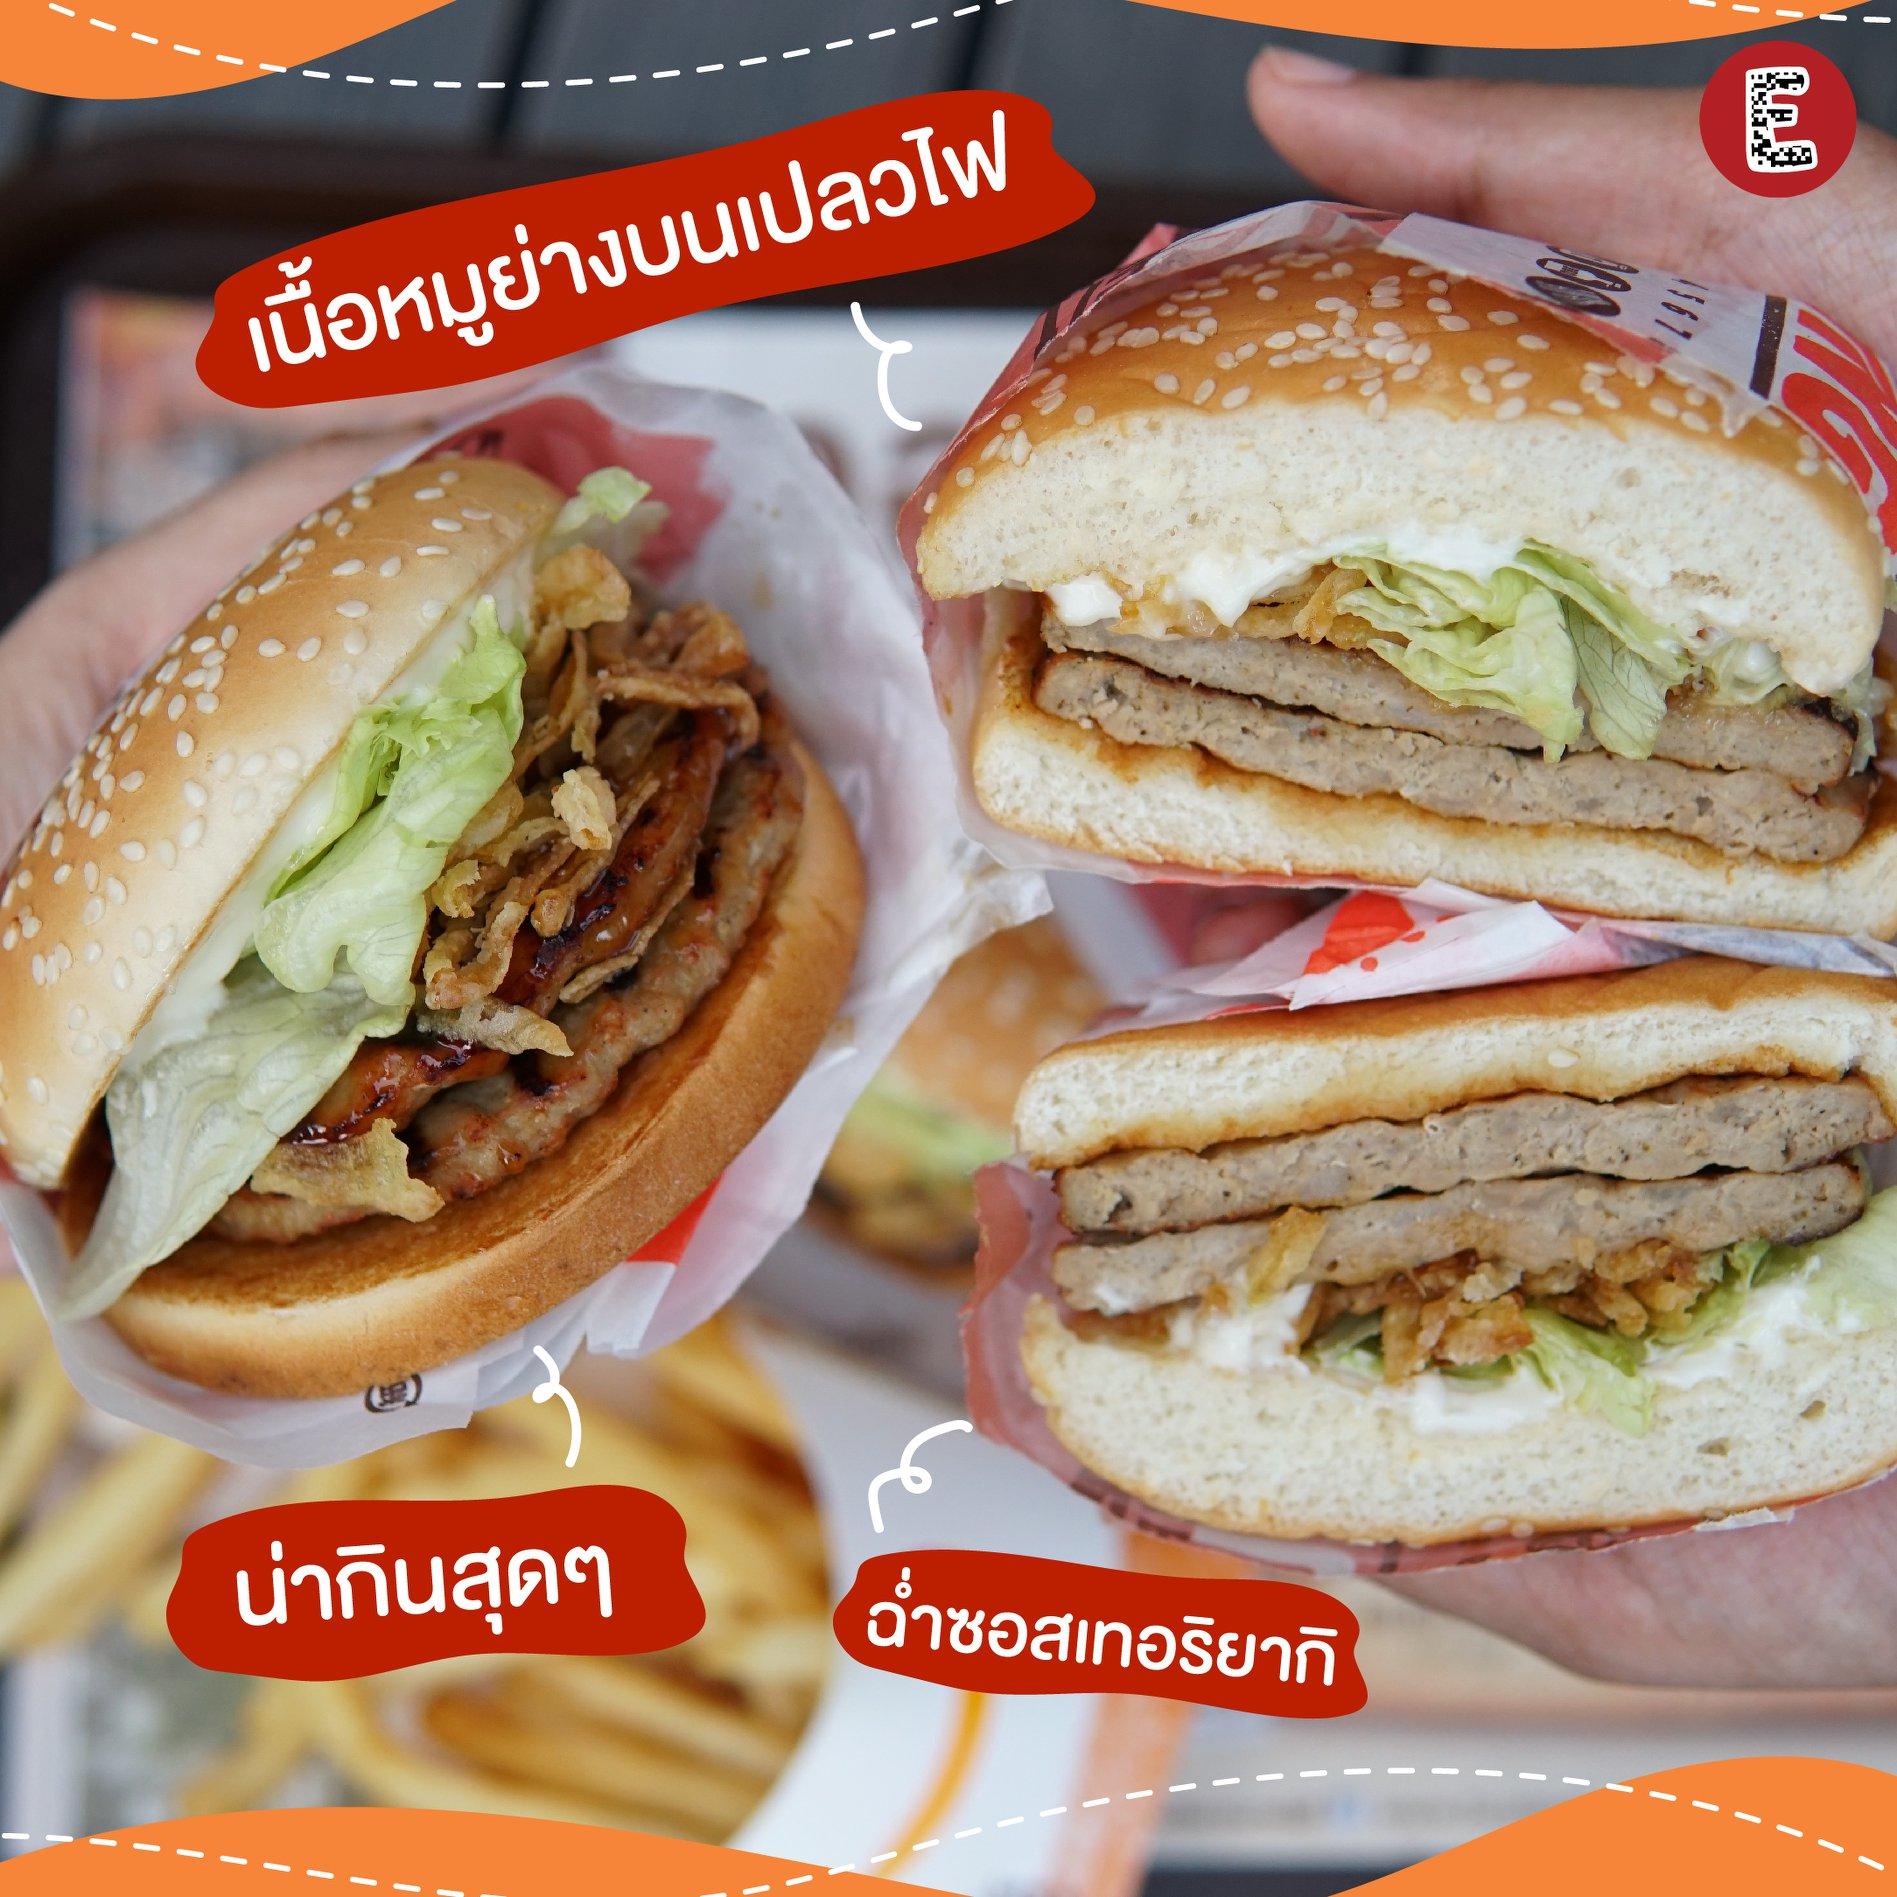 นินจาเบอร์เกอร์ จาก Burger King อร่อยสุดคุ้มแค่ ฟินเหมือนบินไปกินที่ญี่ปุ่น!!